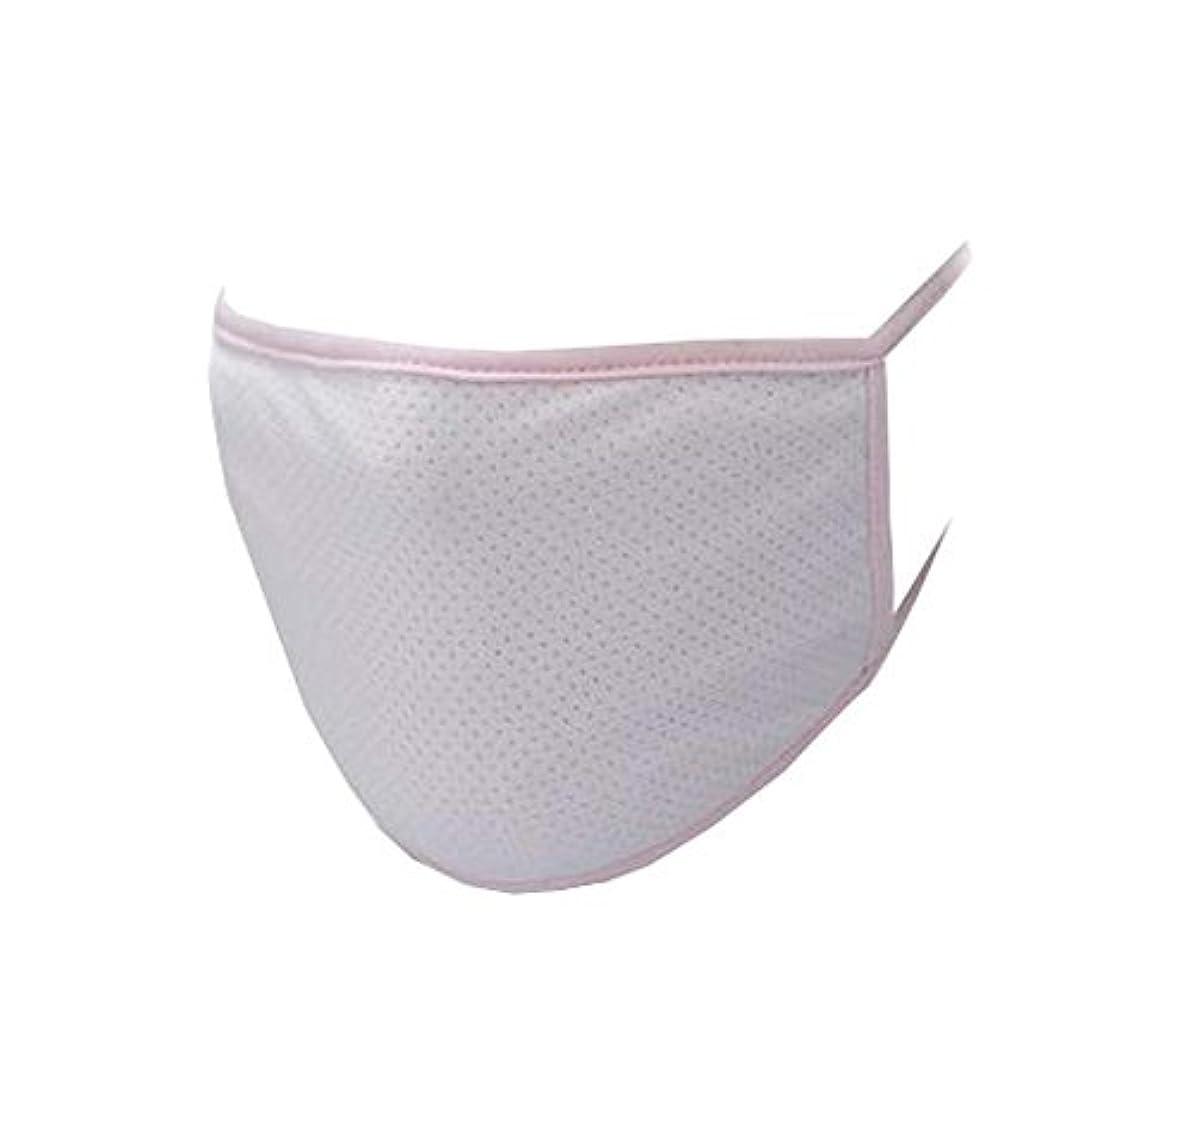 好意たるみ効果的口マスク、再使用可能フィルター - 埃、花粉、アレルゲン、抗UV、およびインフルエンザ菌 - D